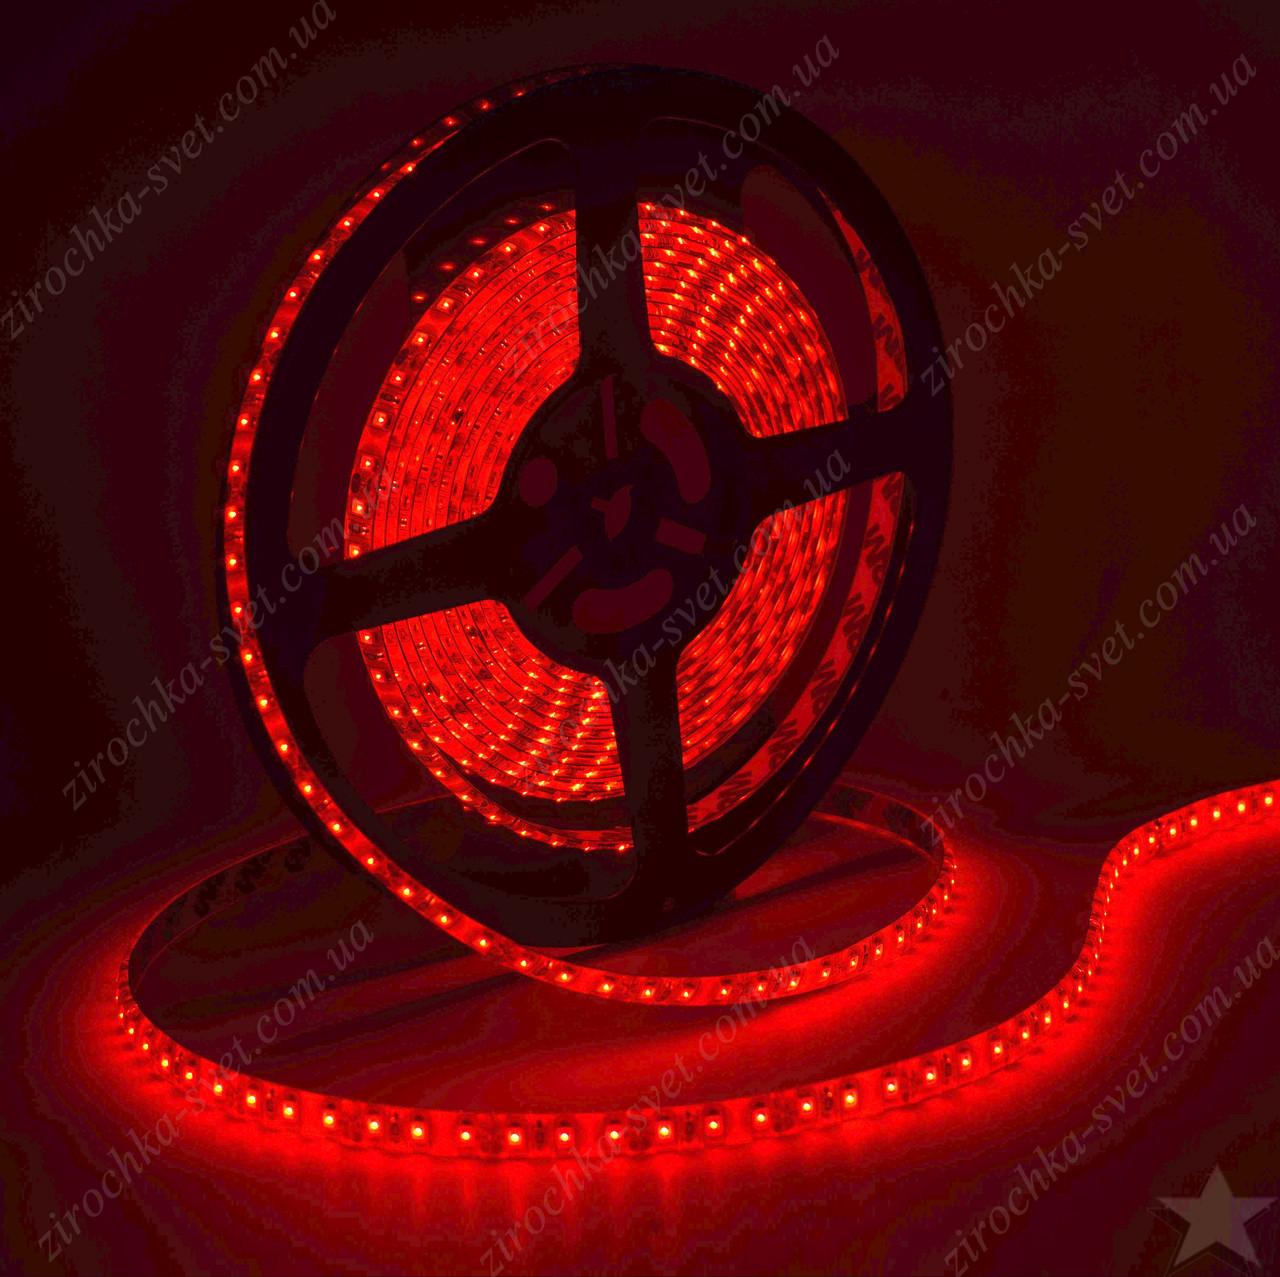 Светодиодная лента красная 12в 120шт/м smd3528 IP65 влагозащищенная (в силиконе) 9,6 Вт/м Motoko